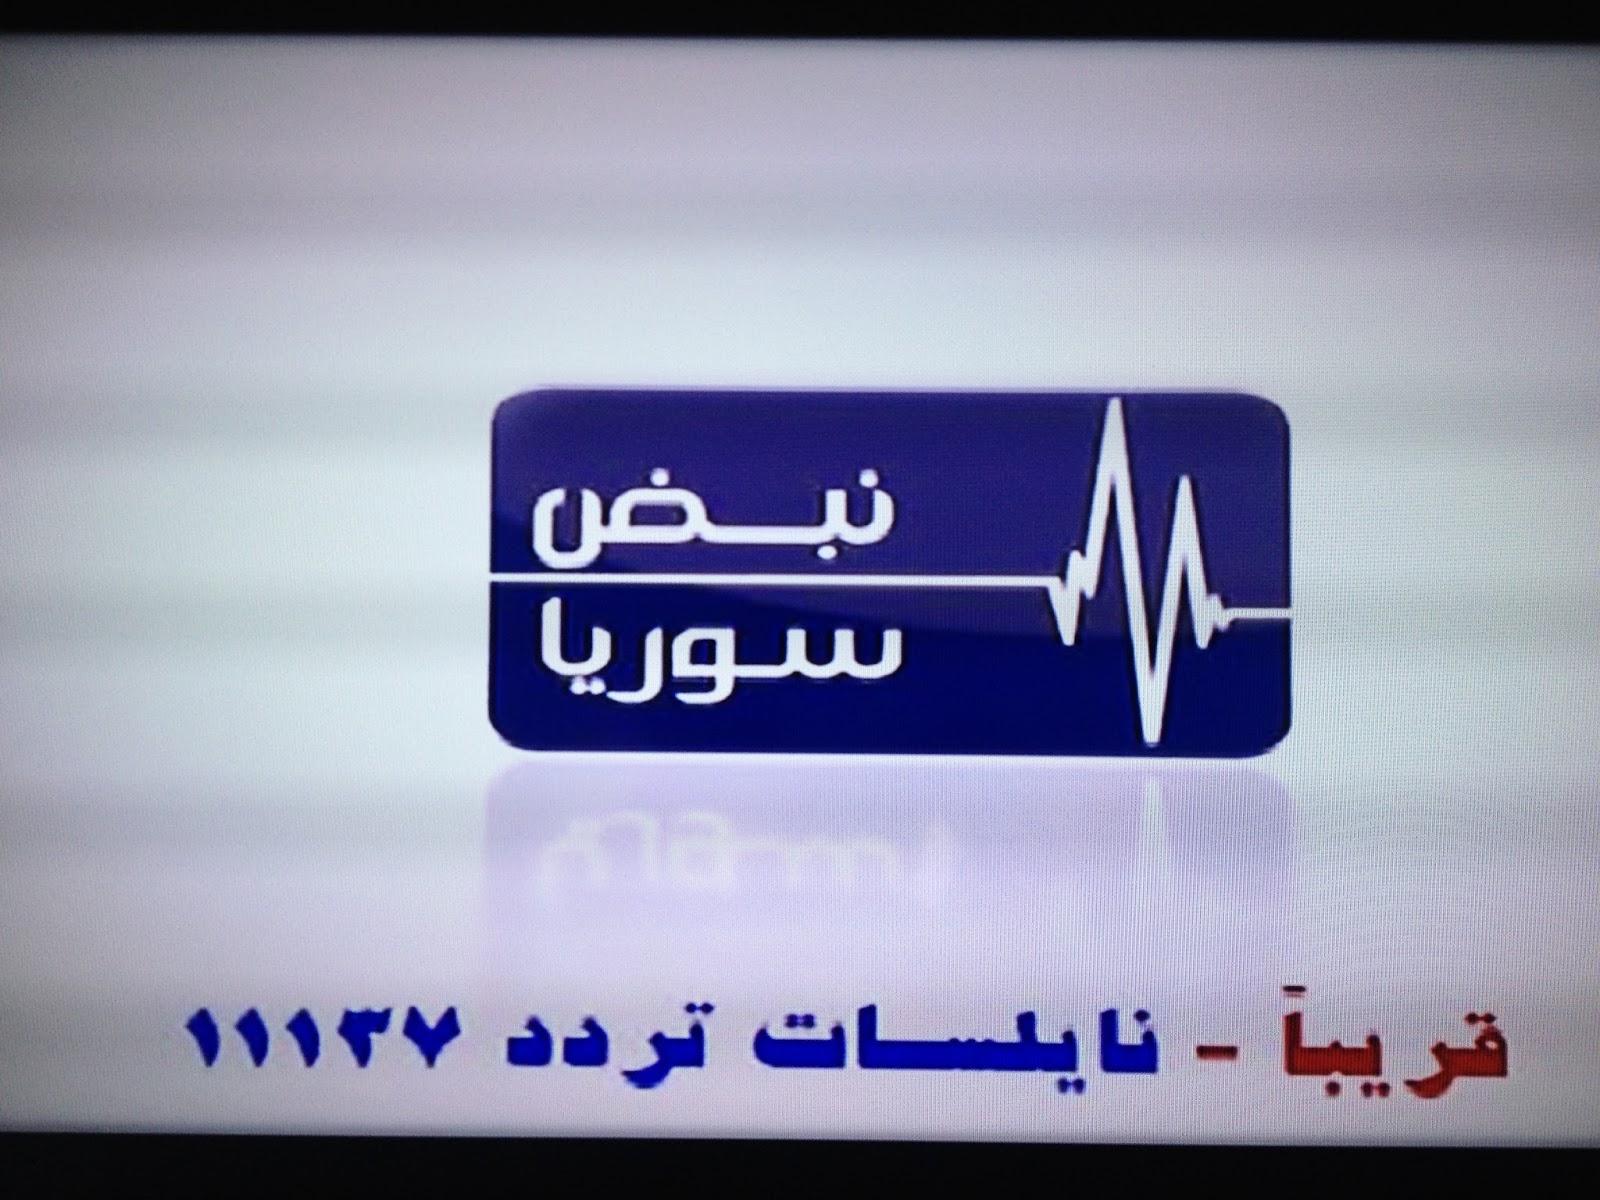 تردد قناة نبض سوريا Nabd Syria Tv على النايل سات 2019